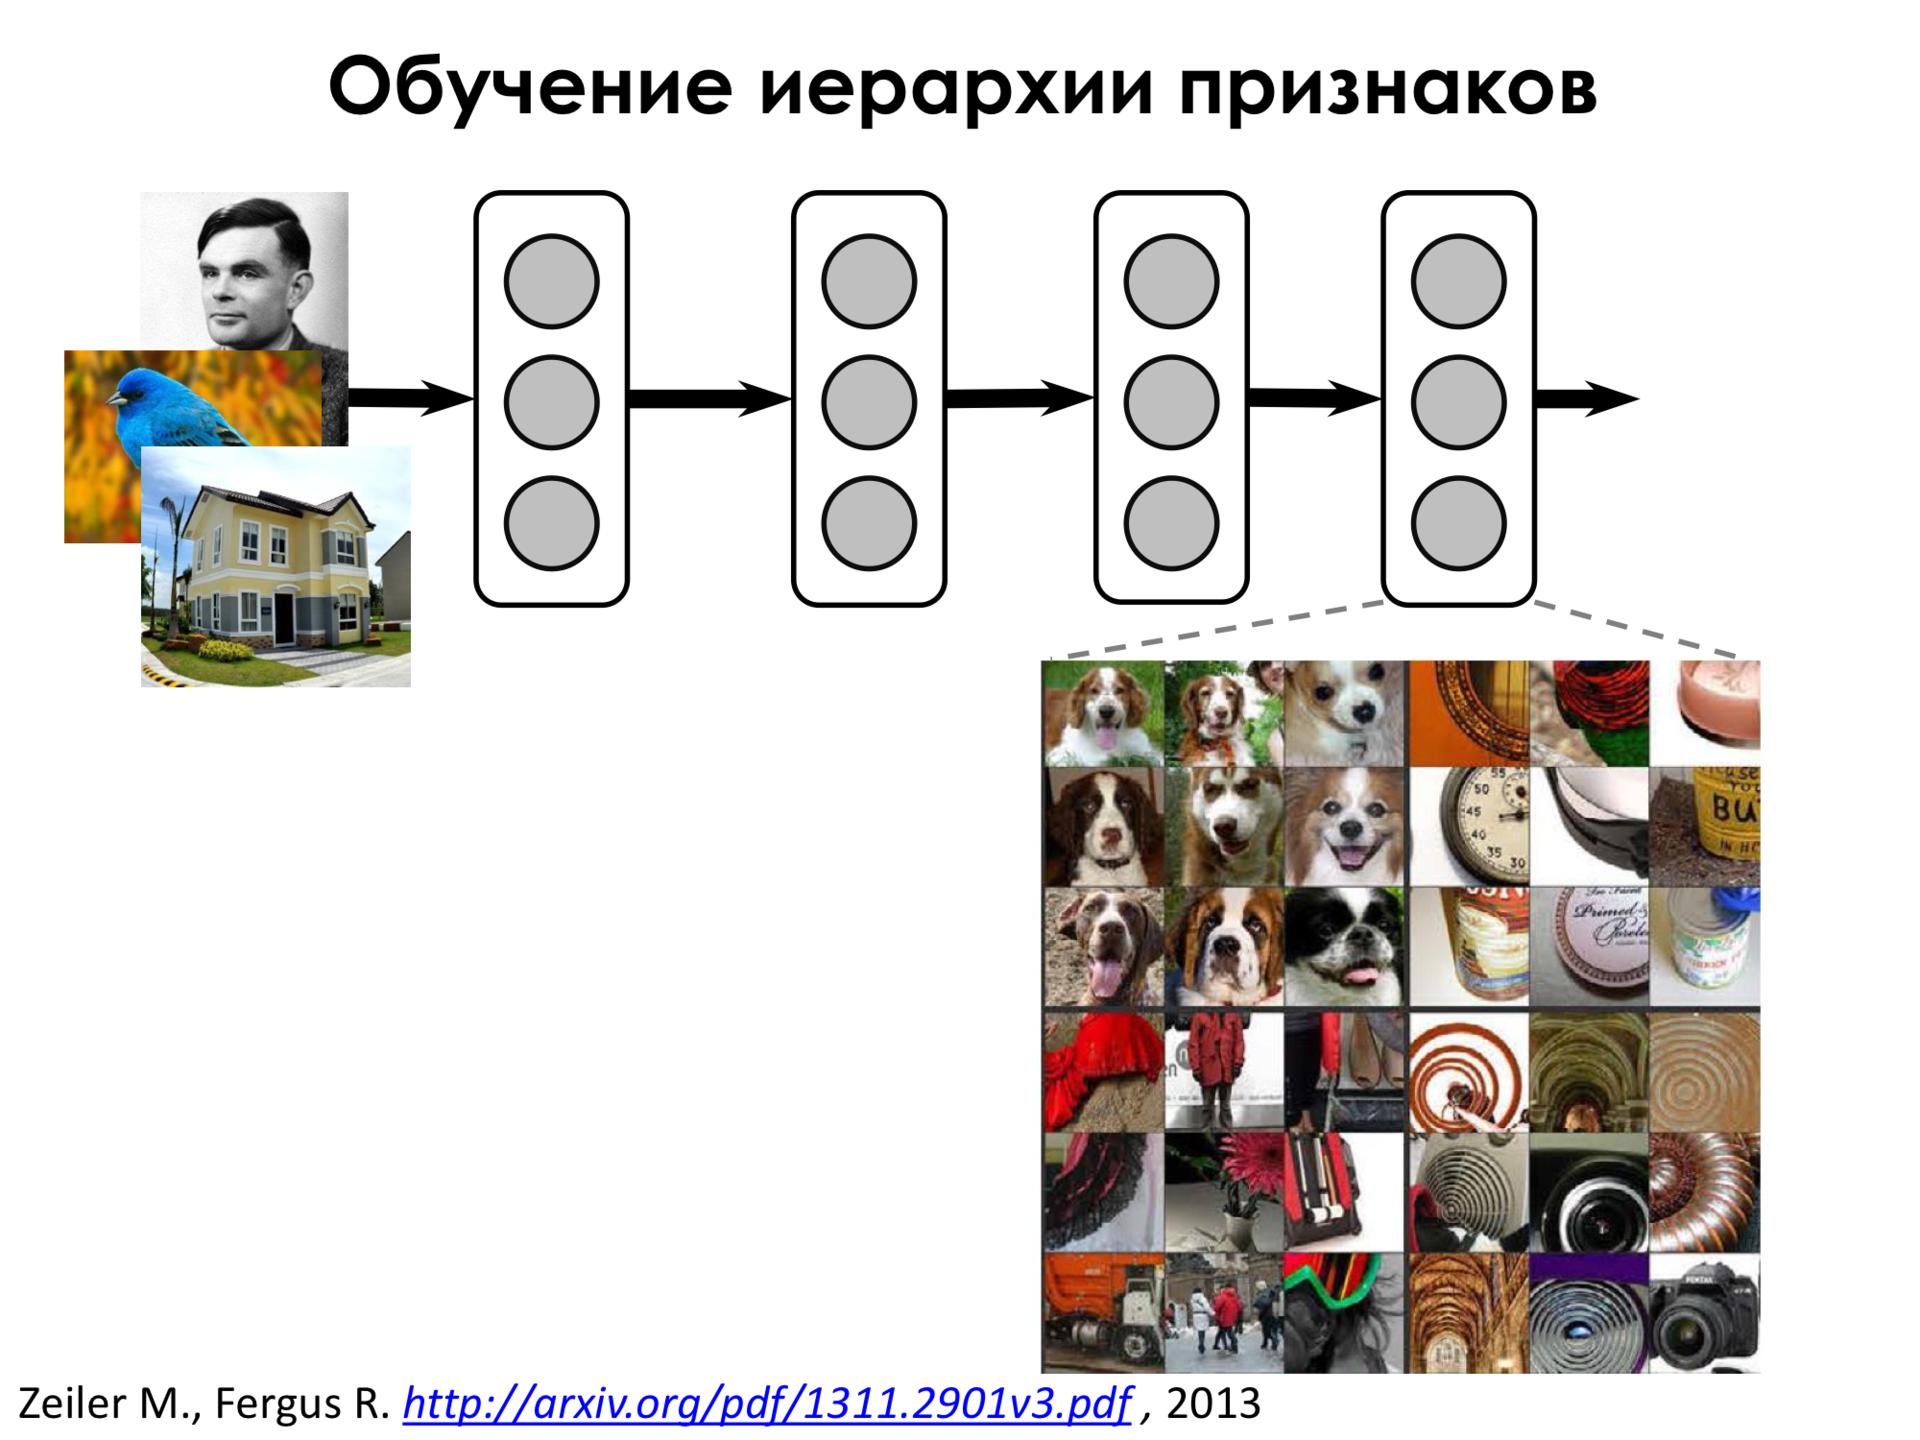 Самое главное о нейронных сетях. Лекция в Яндексе - 21